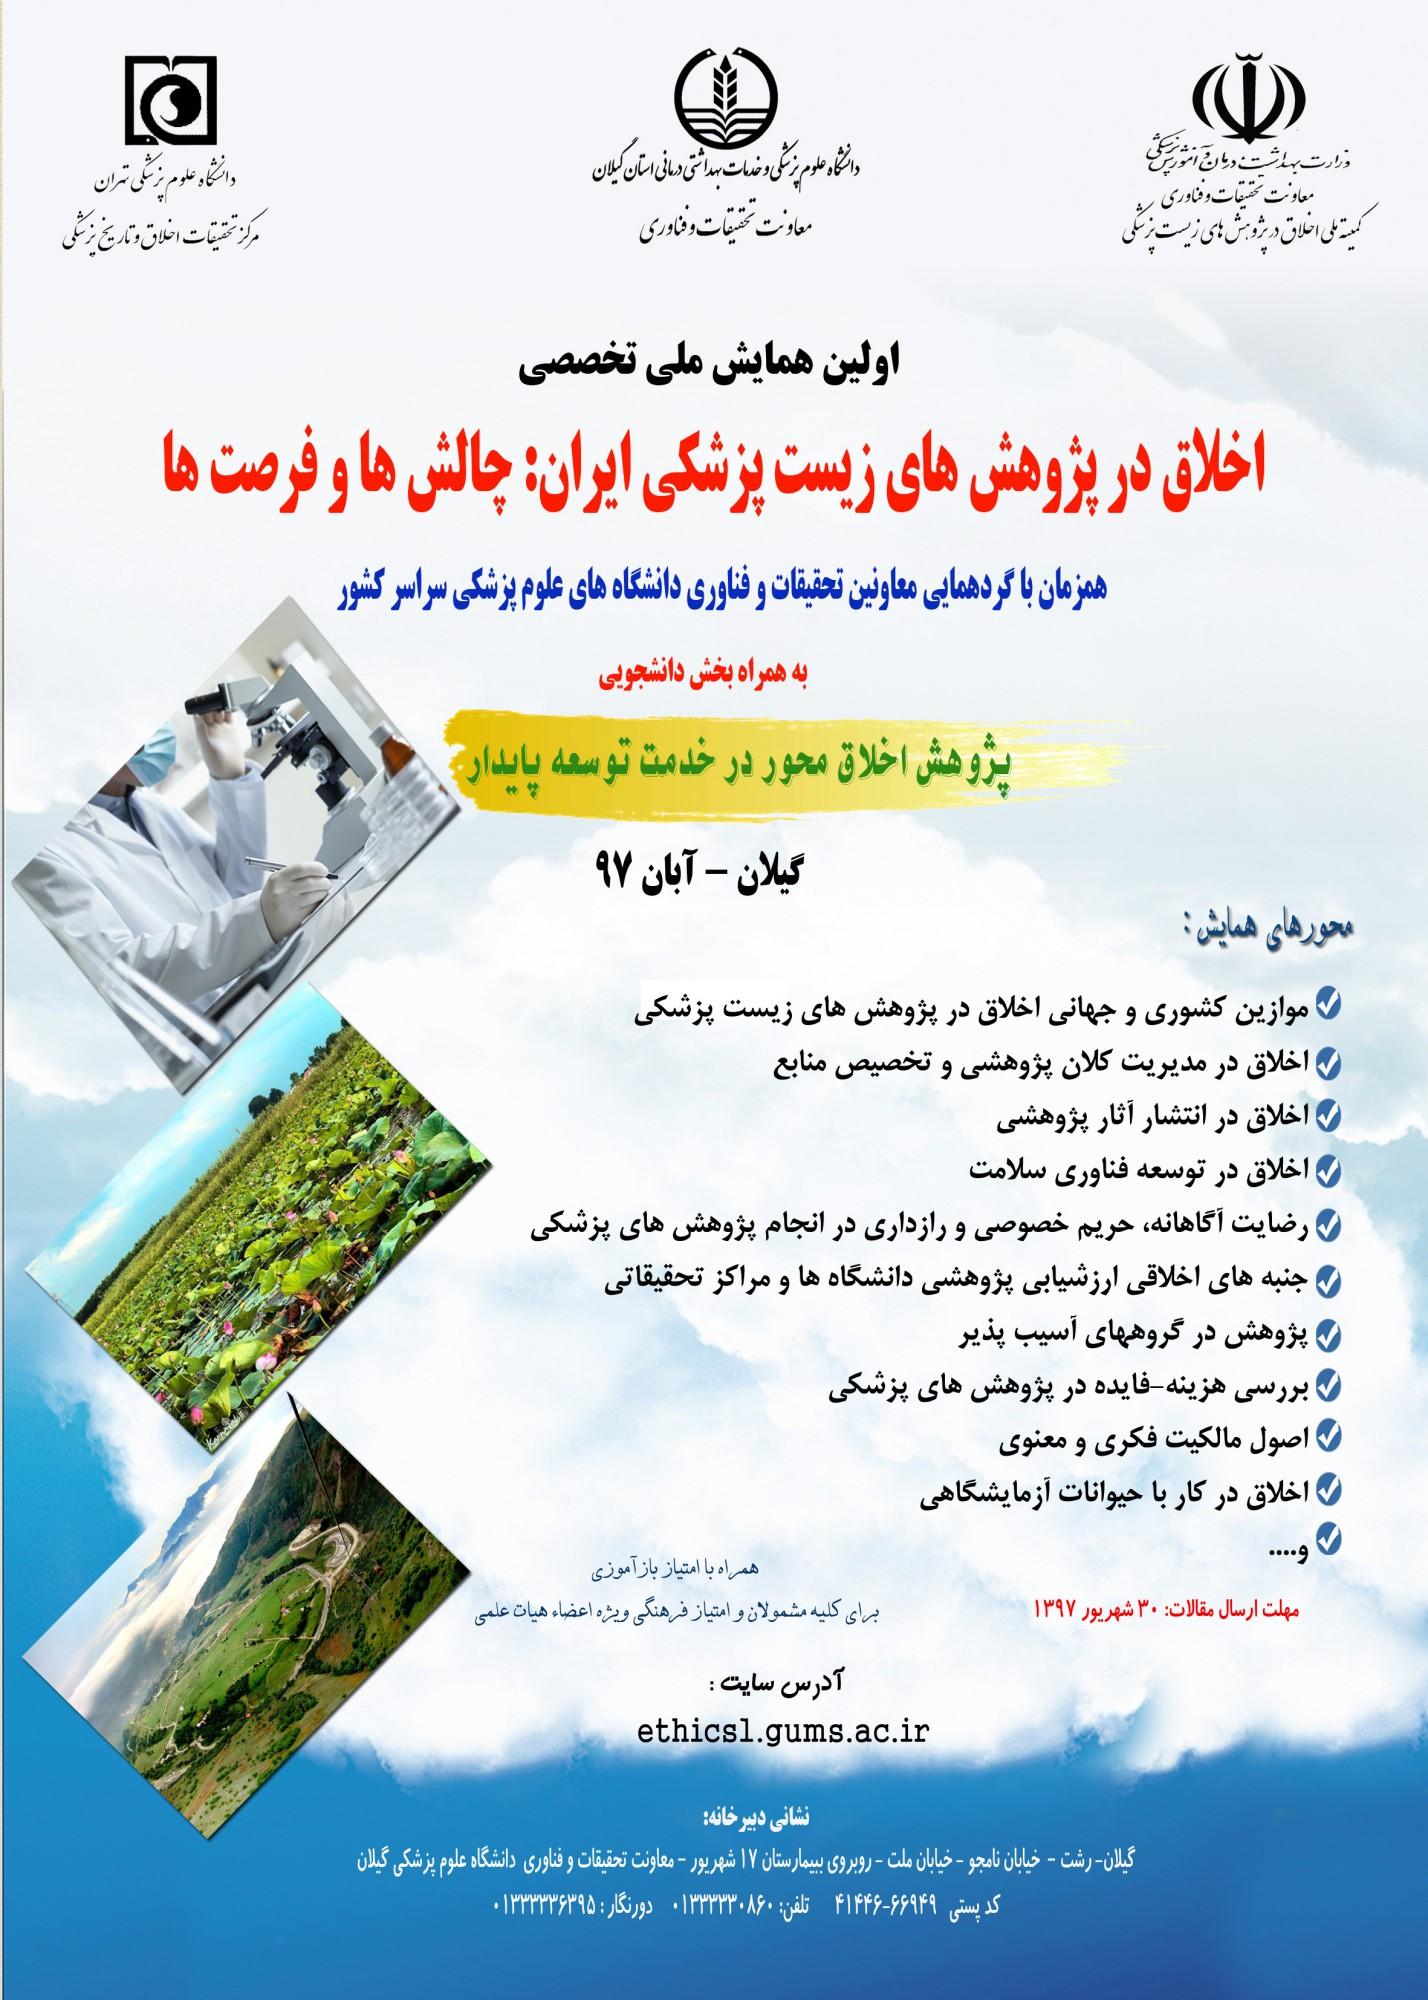 اولین همایش ملی اخلاق در پژوهش های زیست پزشکی ایران: چالش ها و فرصت ها